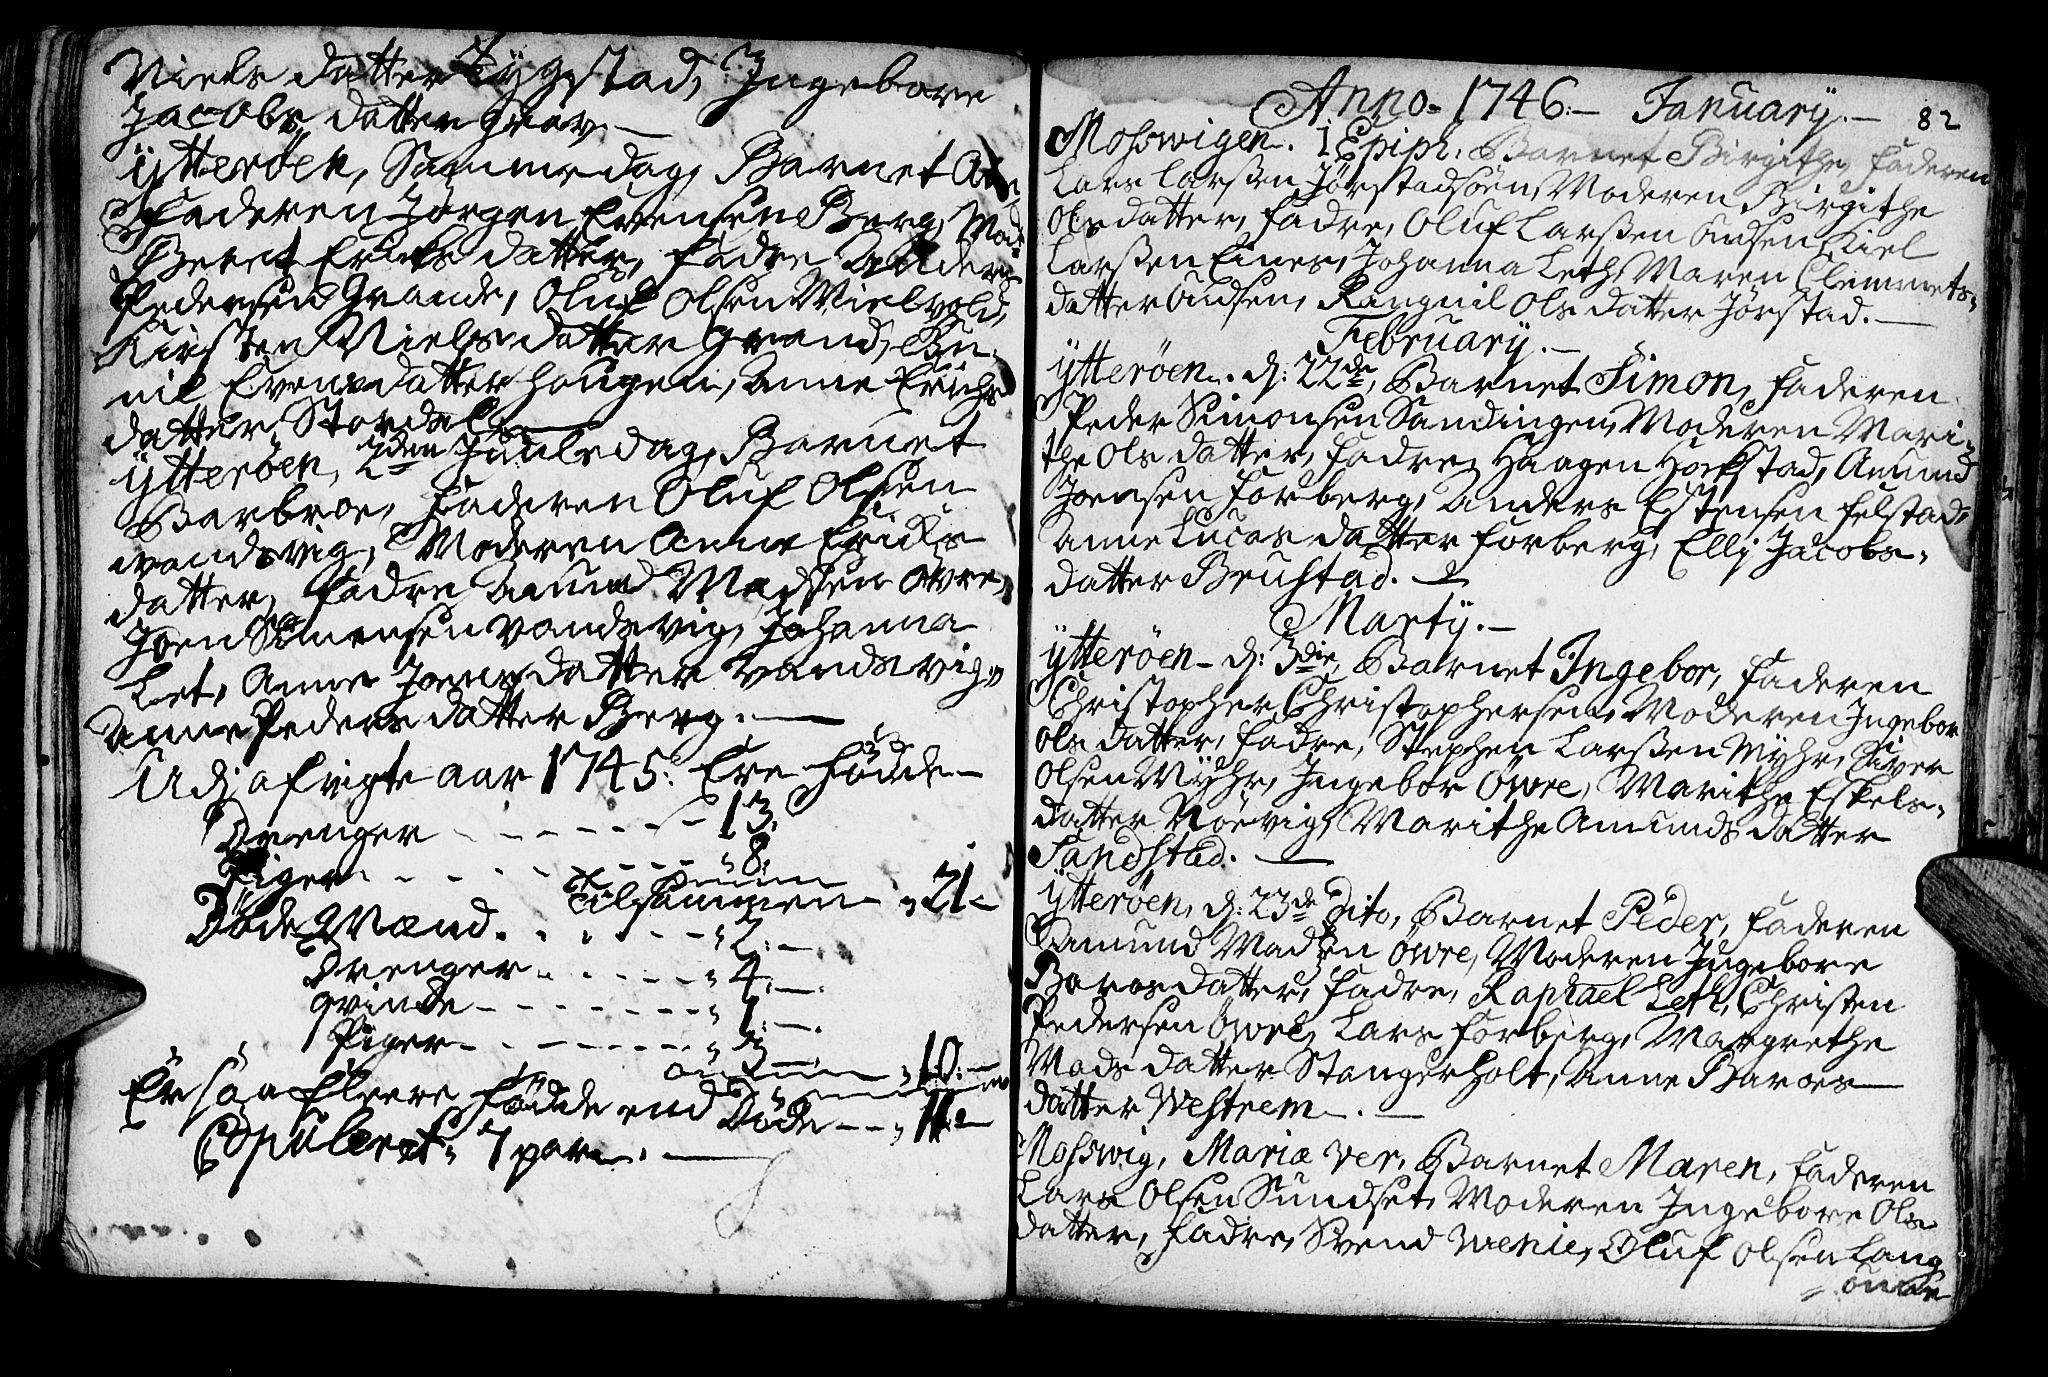 SAT, Ministerialprotokoller, klokkerbøker og fødselsregistre - Nord-Trøndelag, 722/L0215: Ministerialbok nr. 722A02, 1718-1755, s. 82